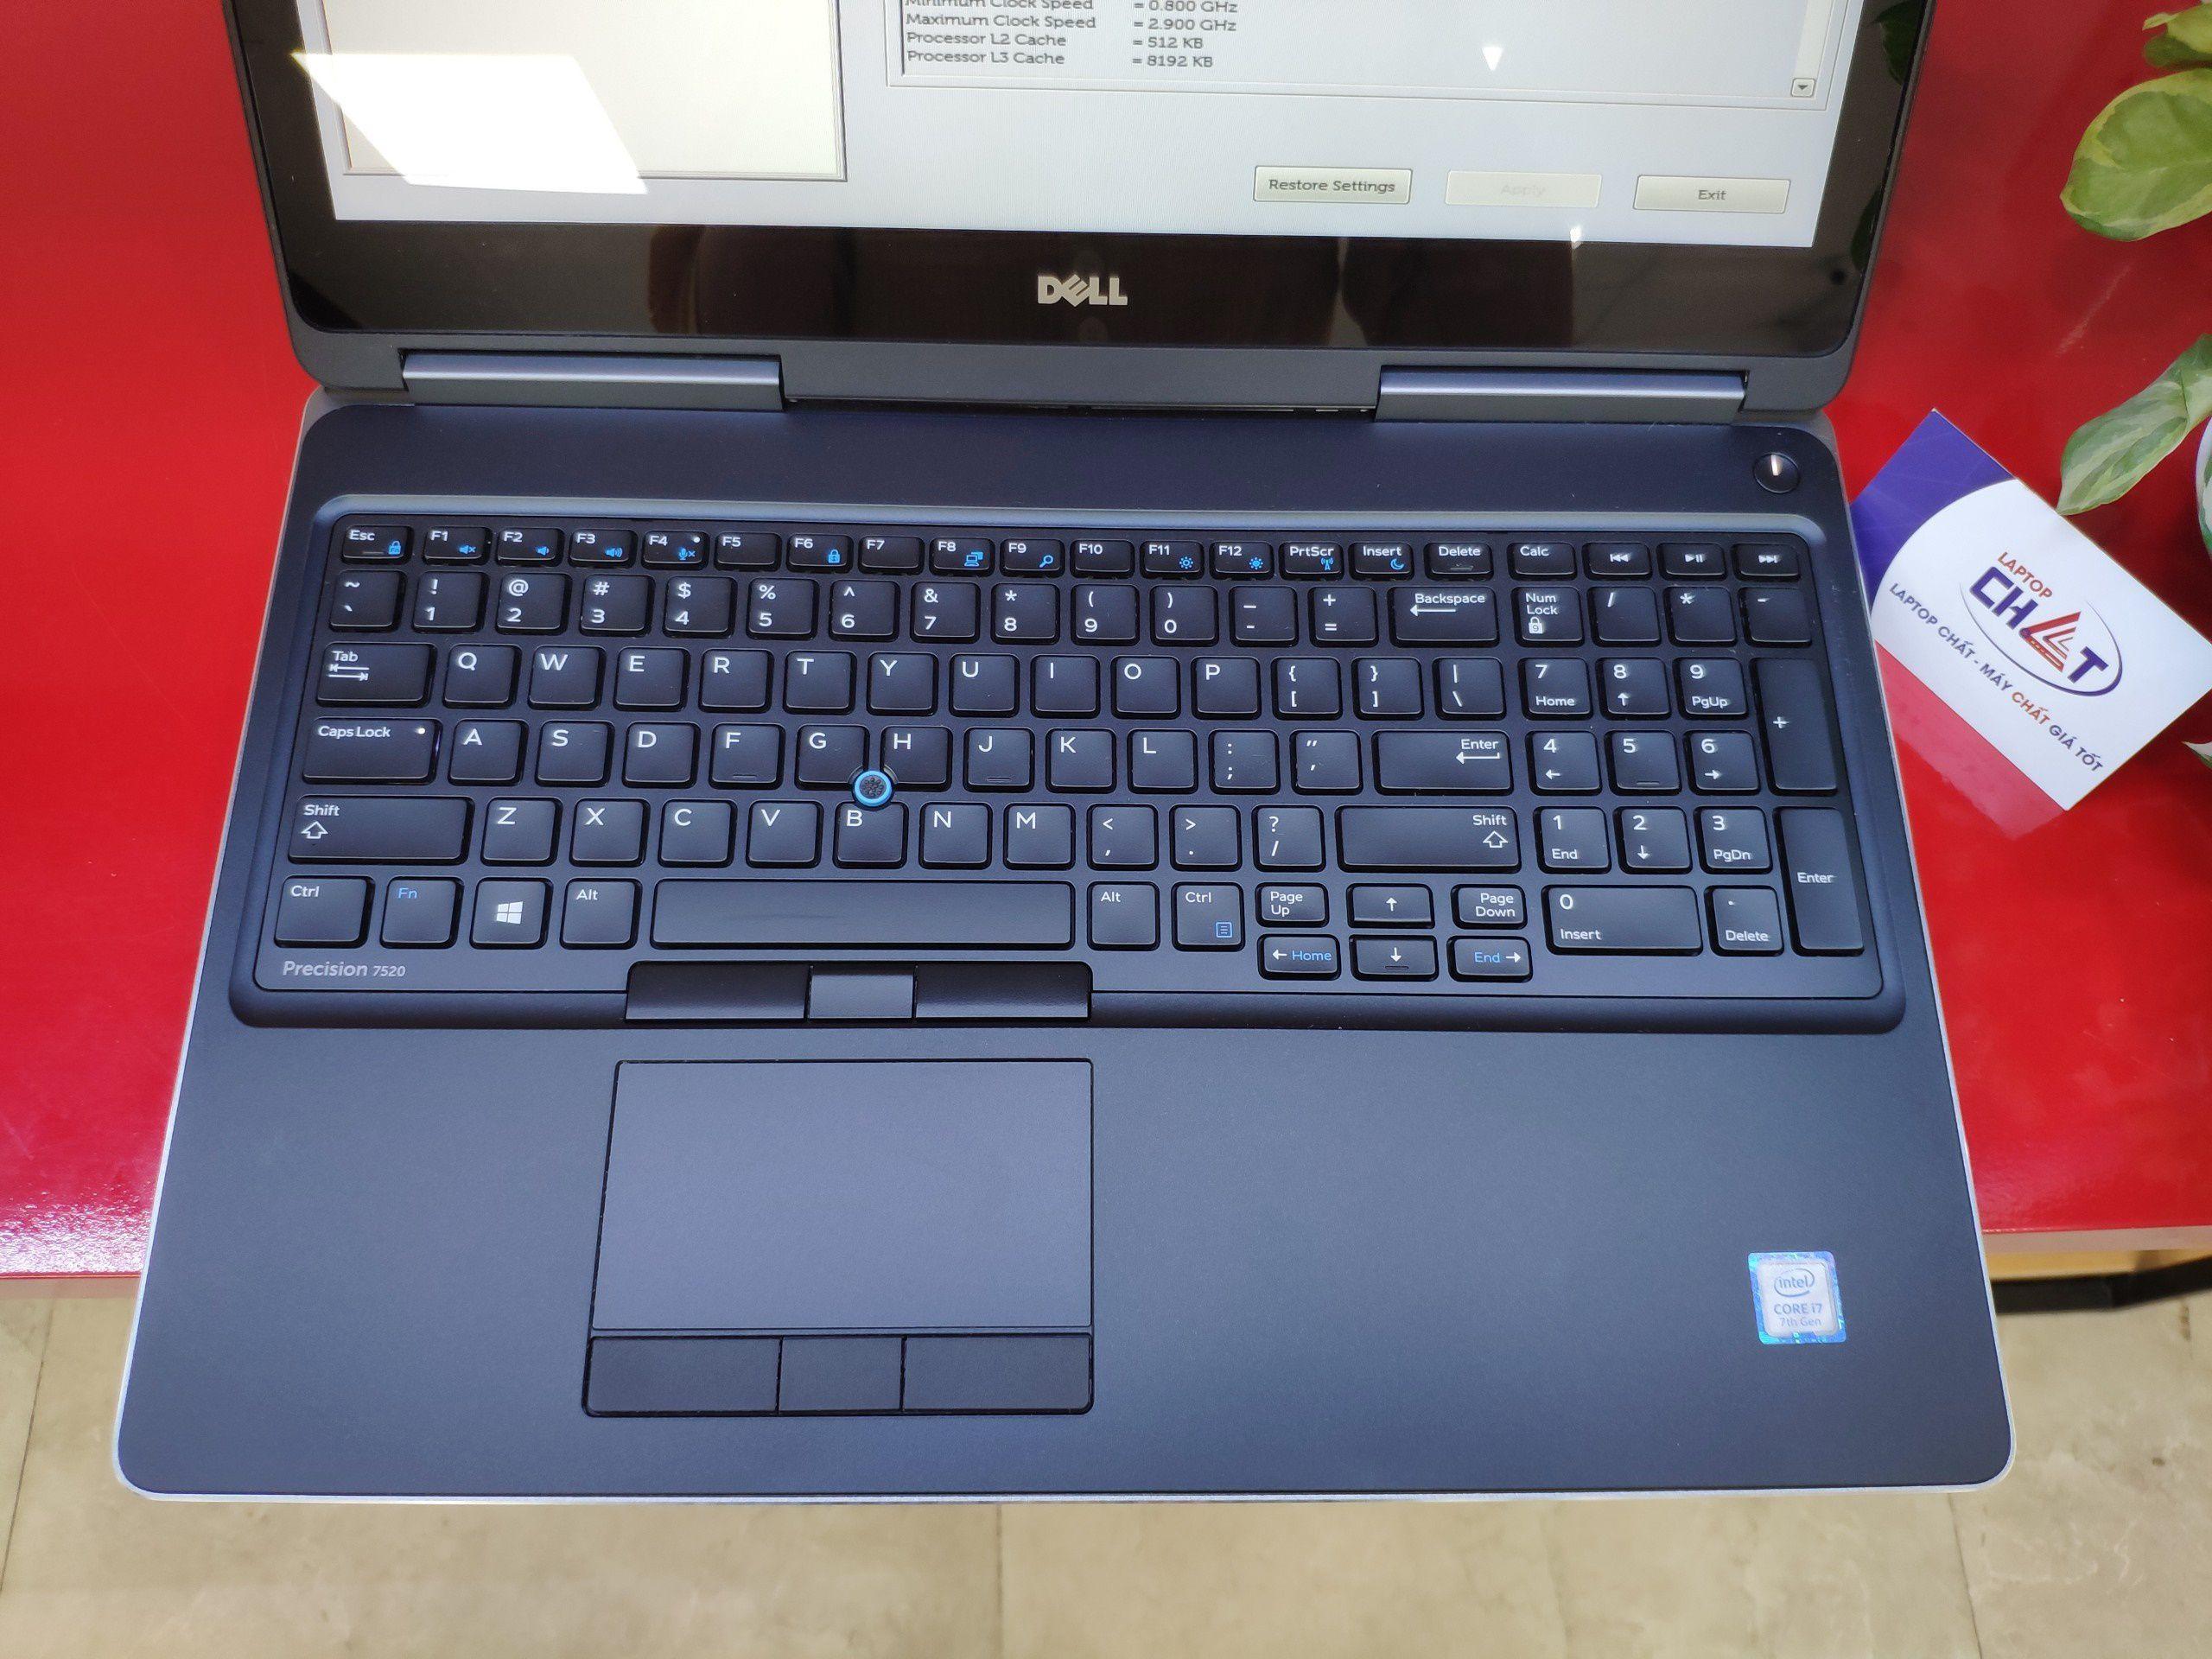 Dell Precision 7520 màn cảm ứng mới 99%